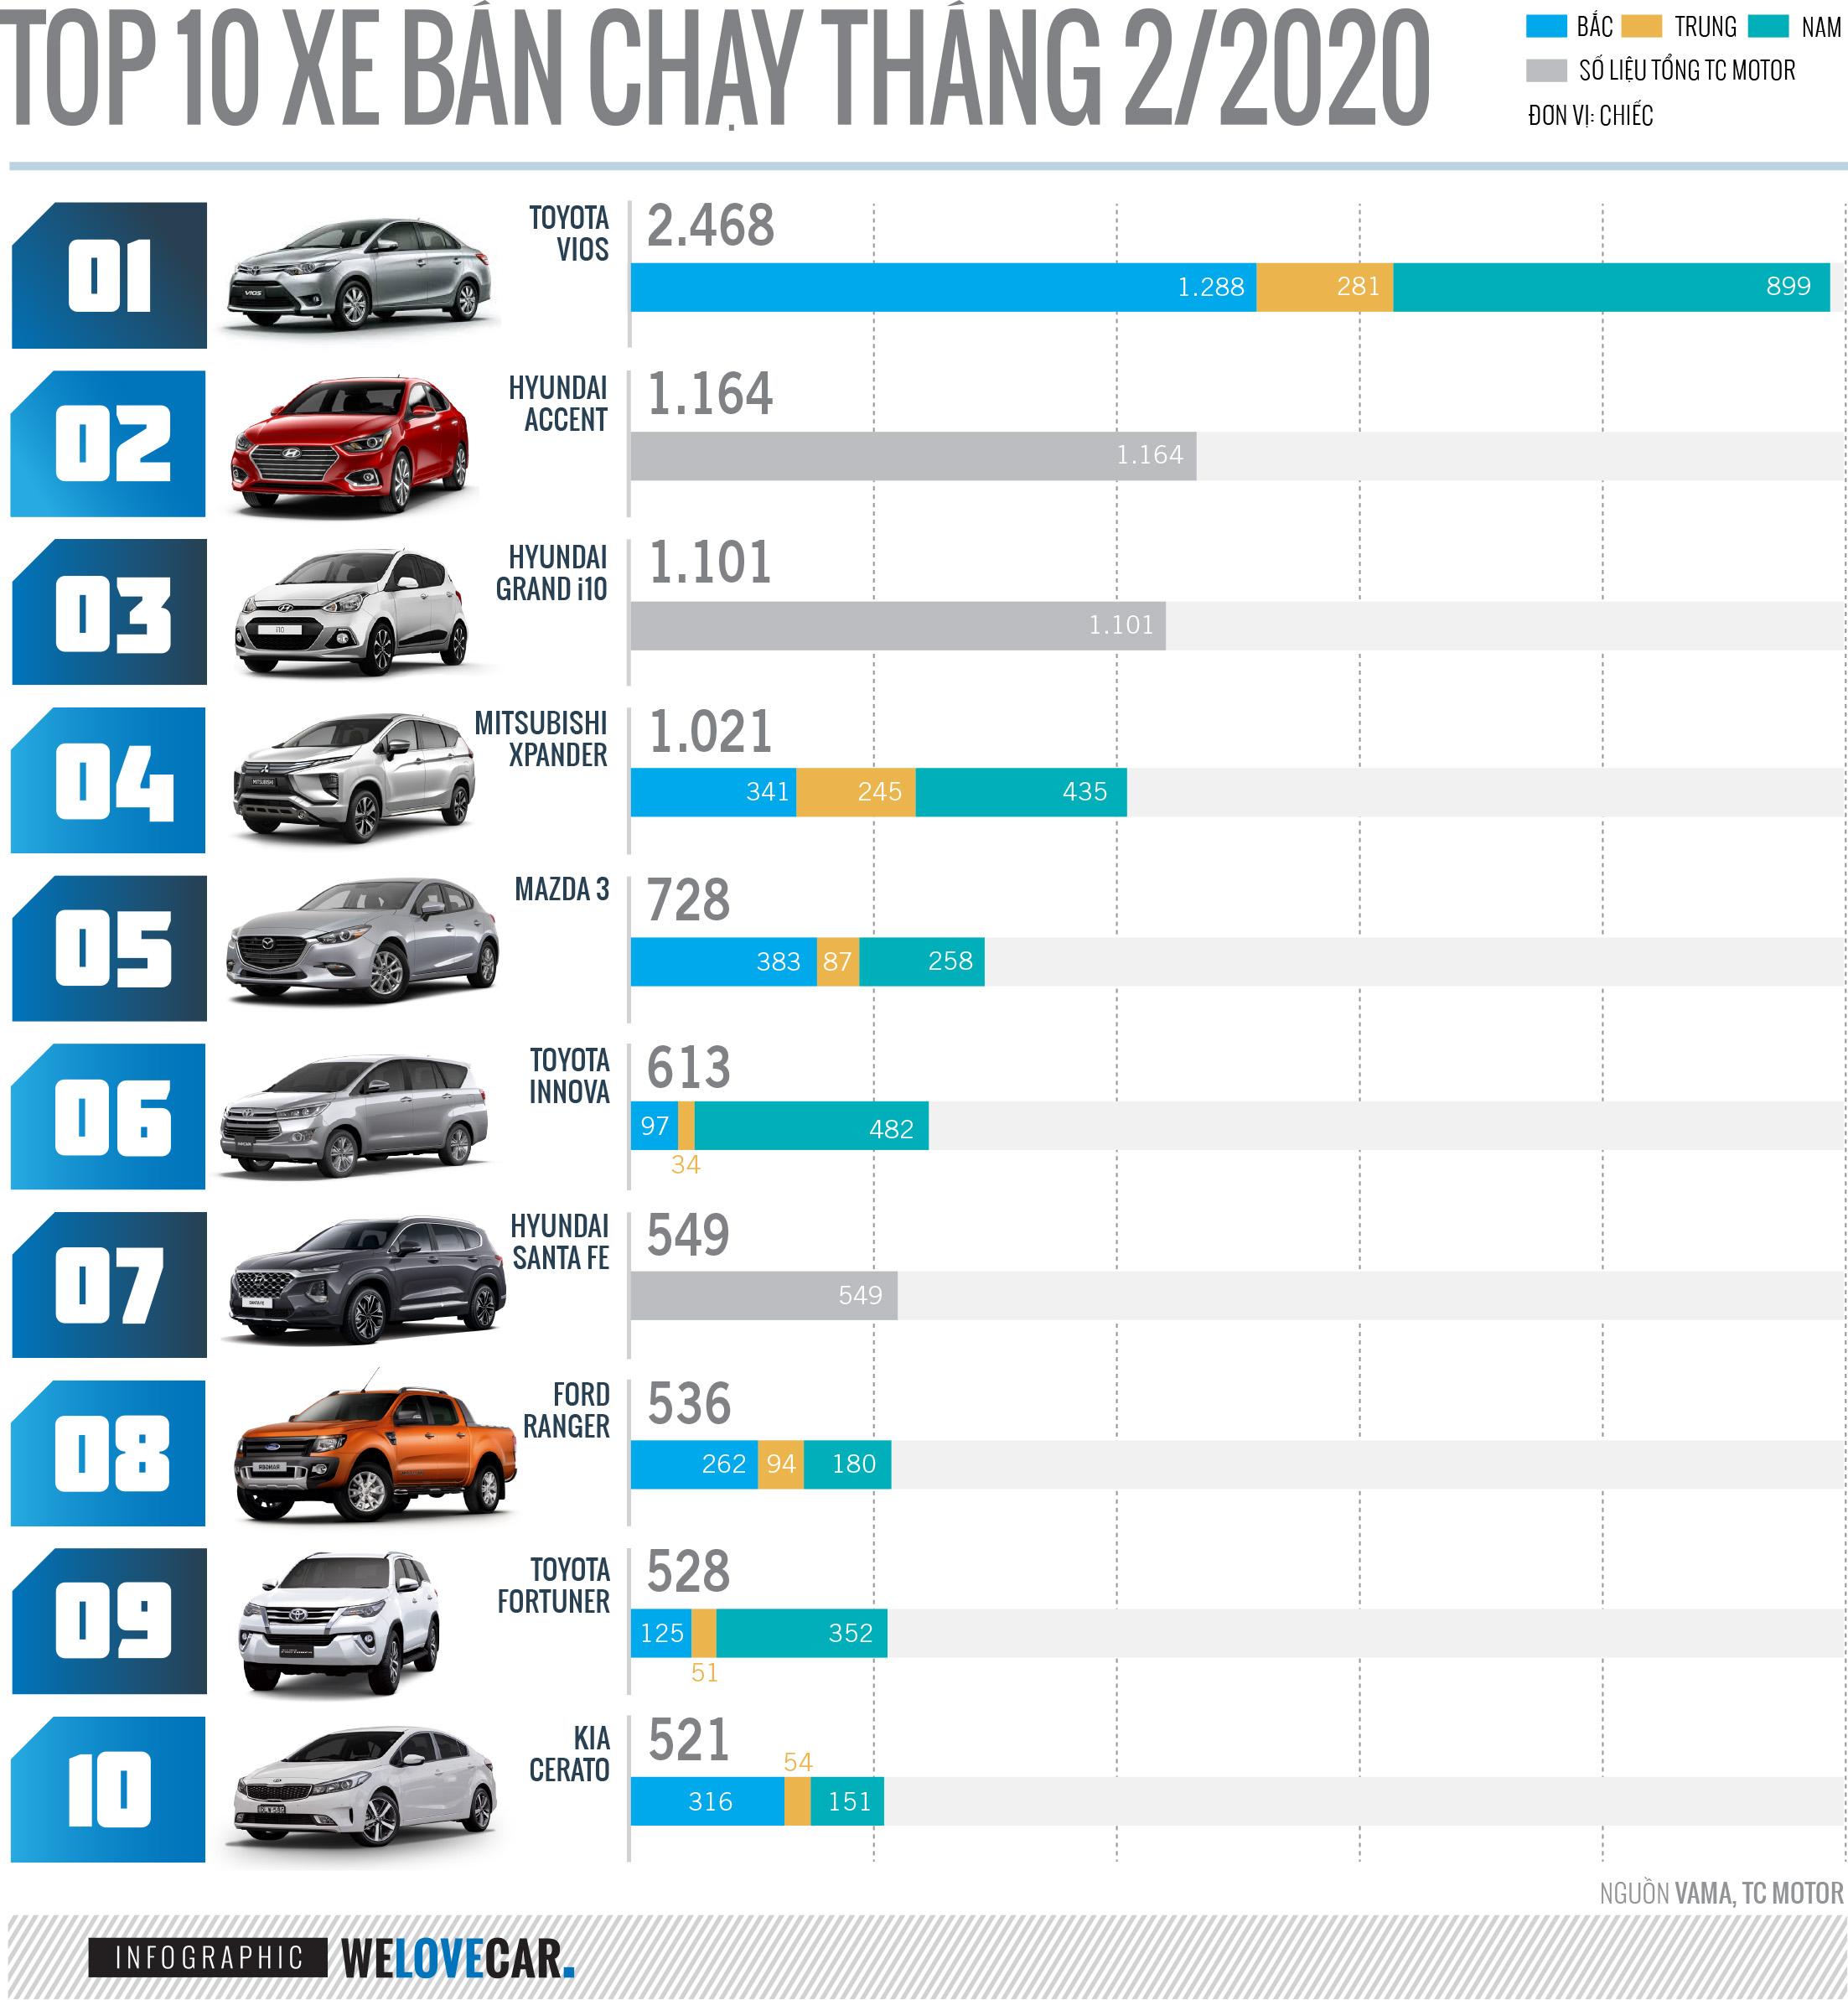 Xe bán chạy nhất tháng 2-2020: Vios đứng đầu, Xpander dậm chân tại chỗ - 2